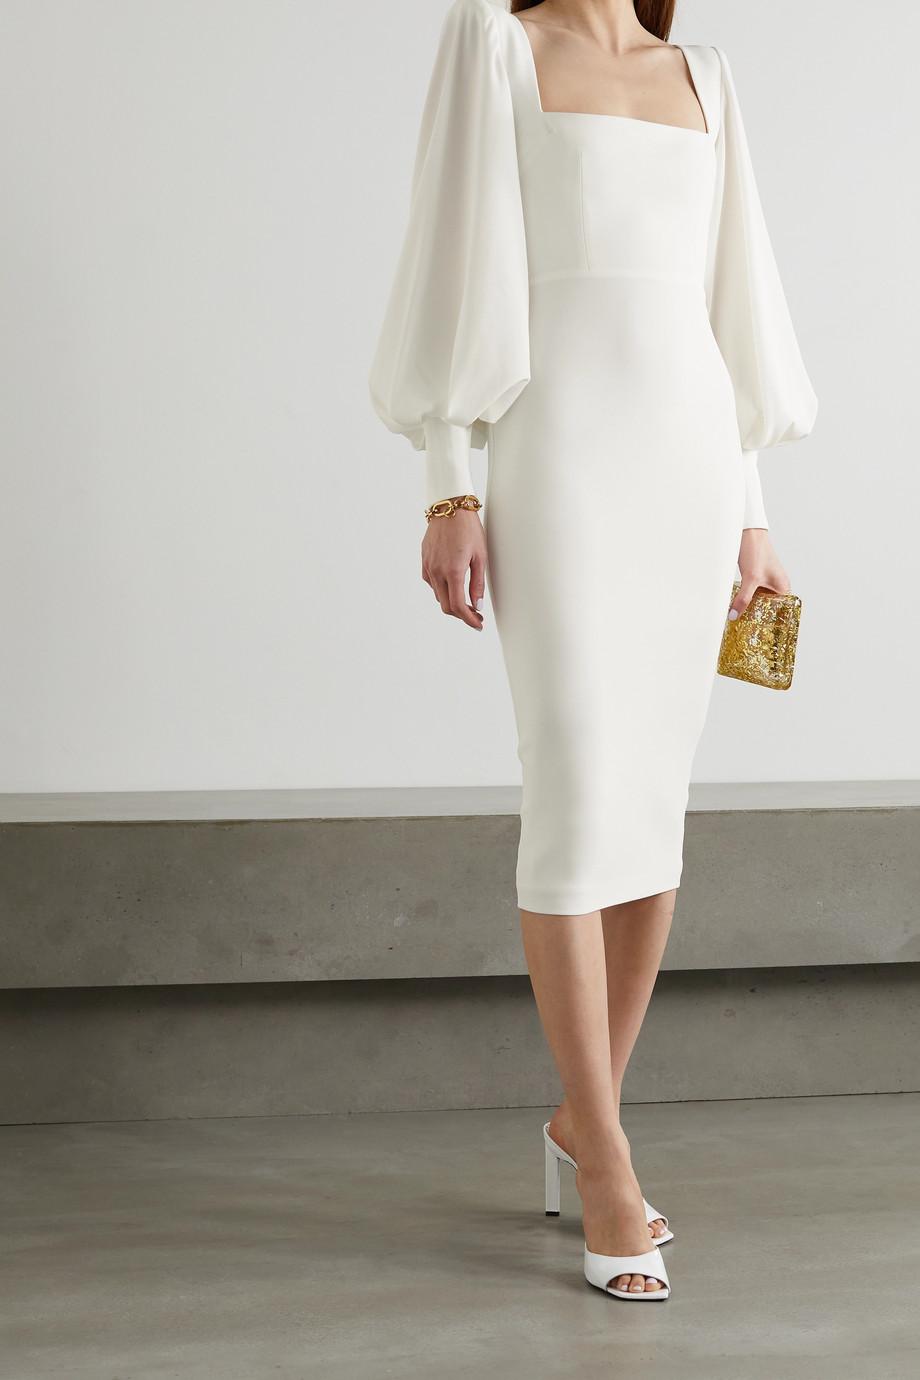 Alex Perry Pearson satin-crepe midi dress